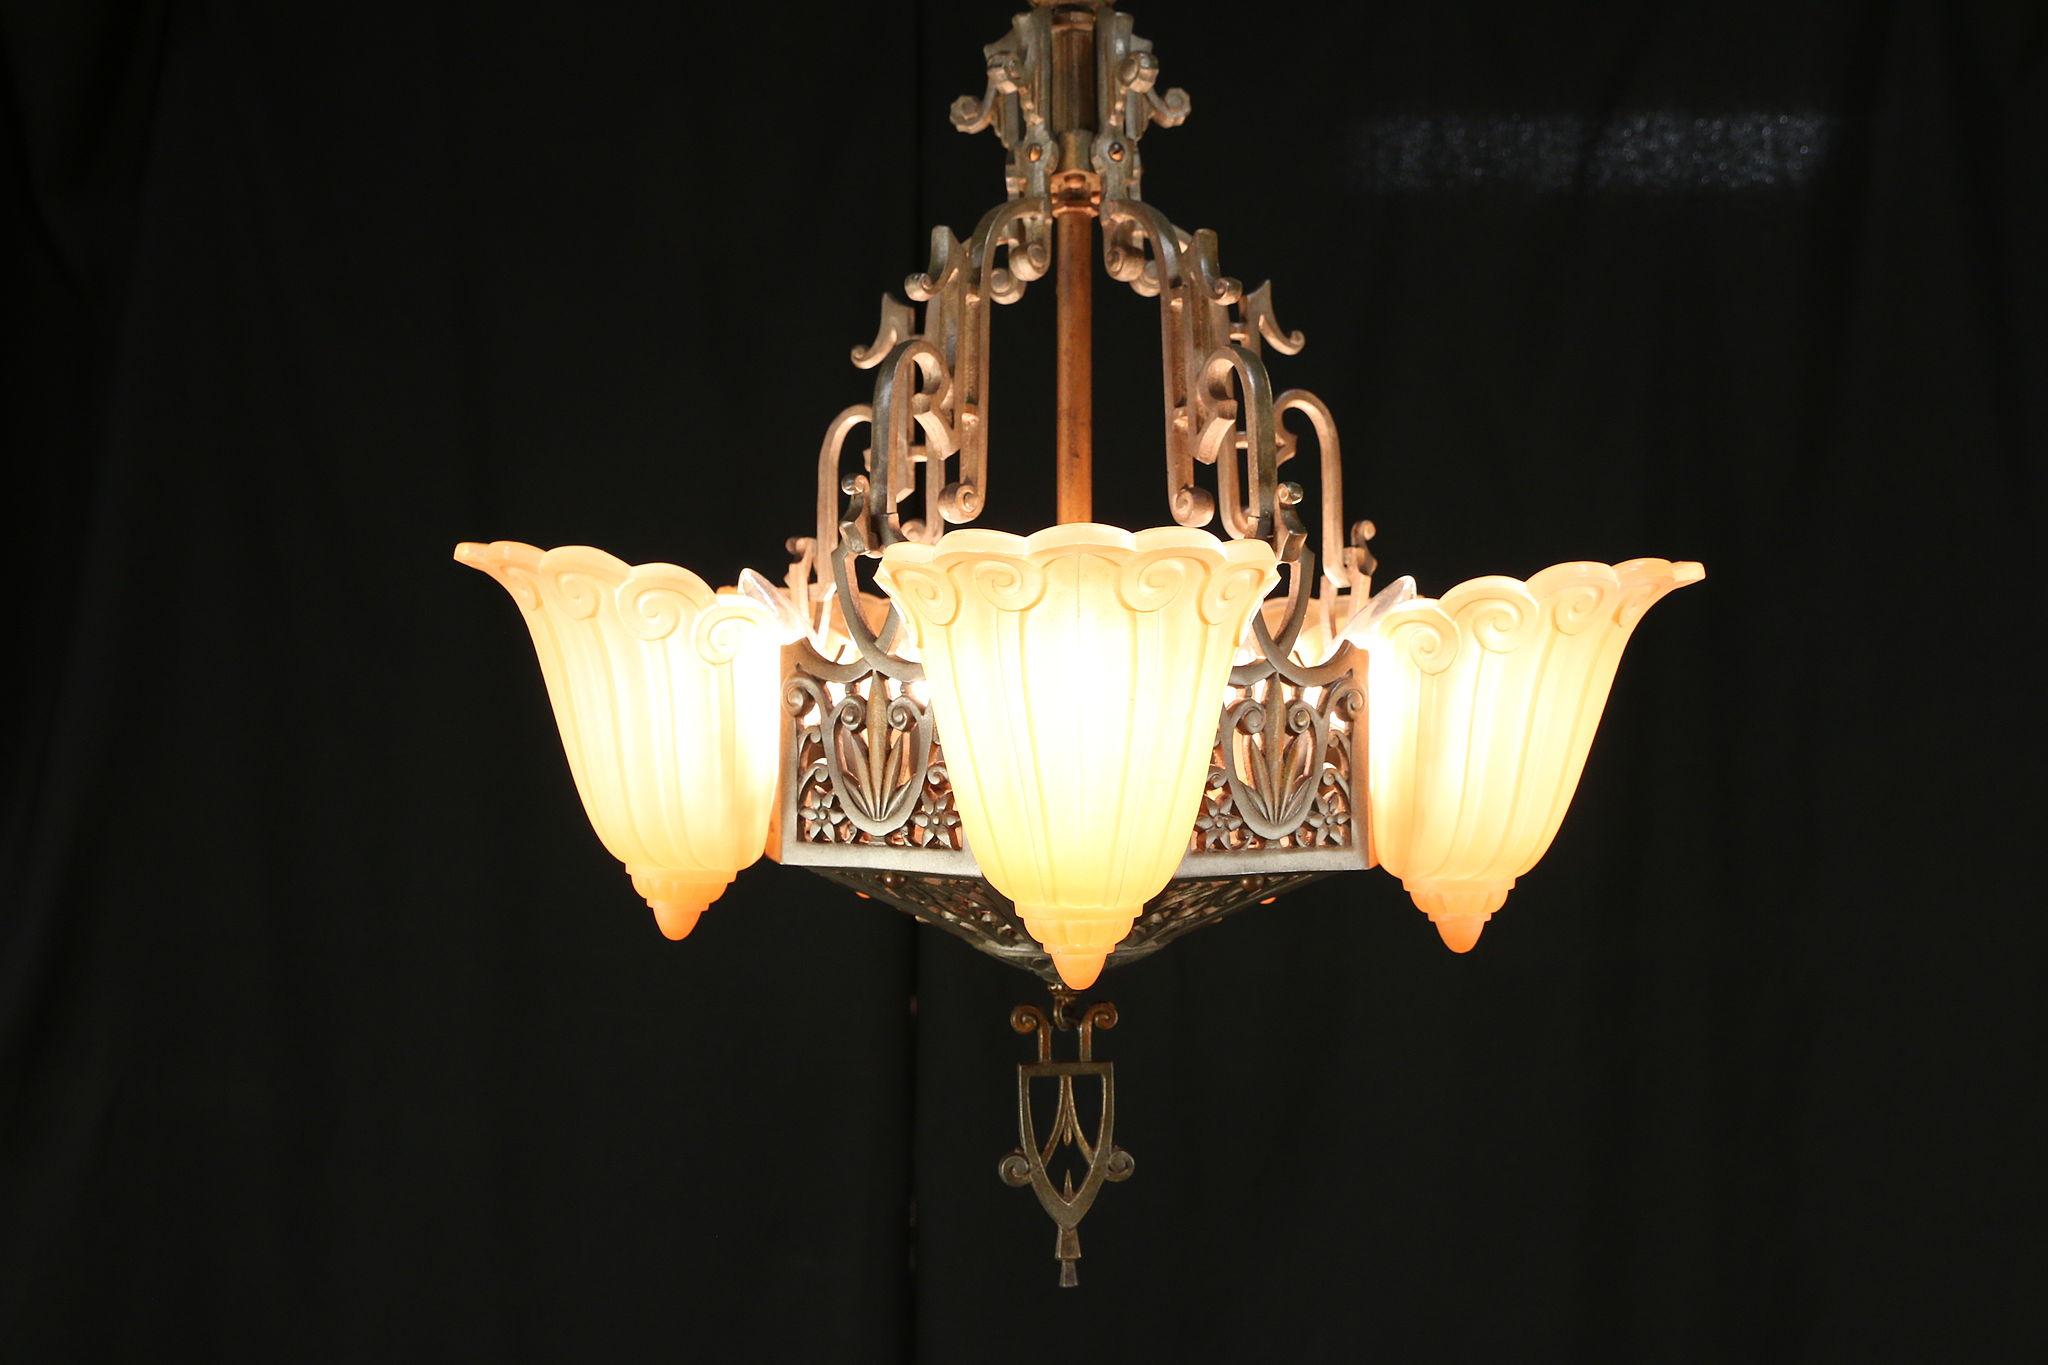 Art Deco Vintage Lincoln Chandelier 5 Light Fixture Fleur De Lis Shades 29919